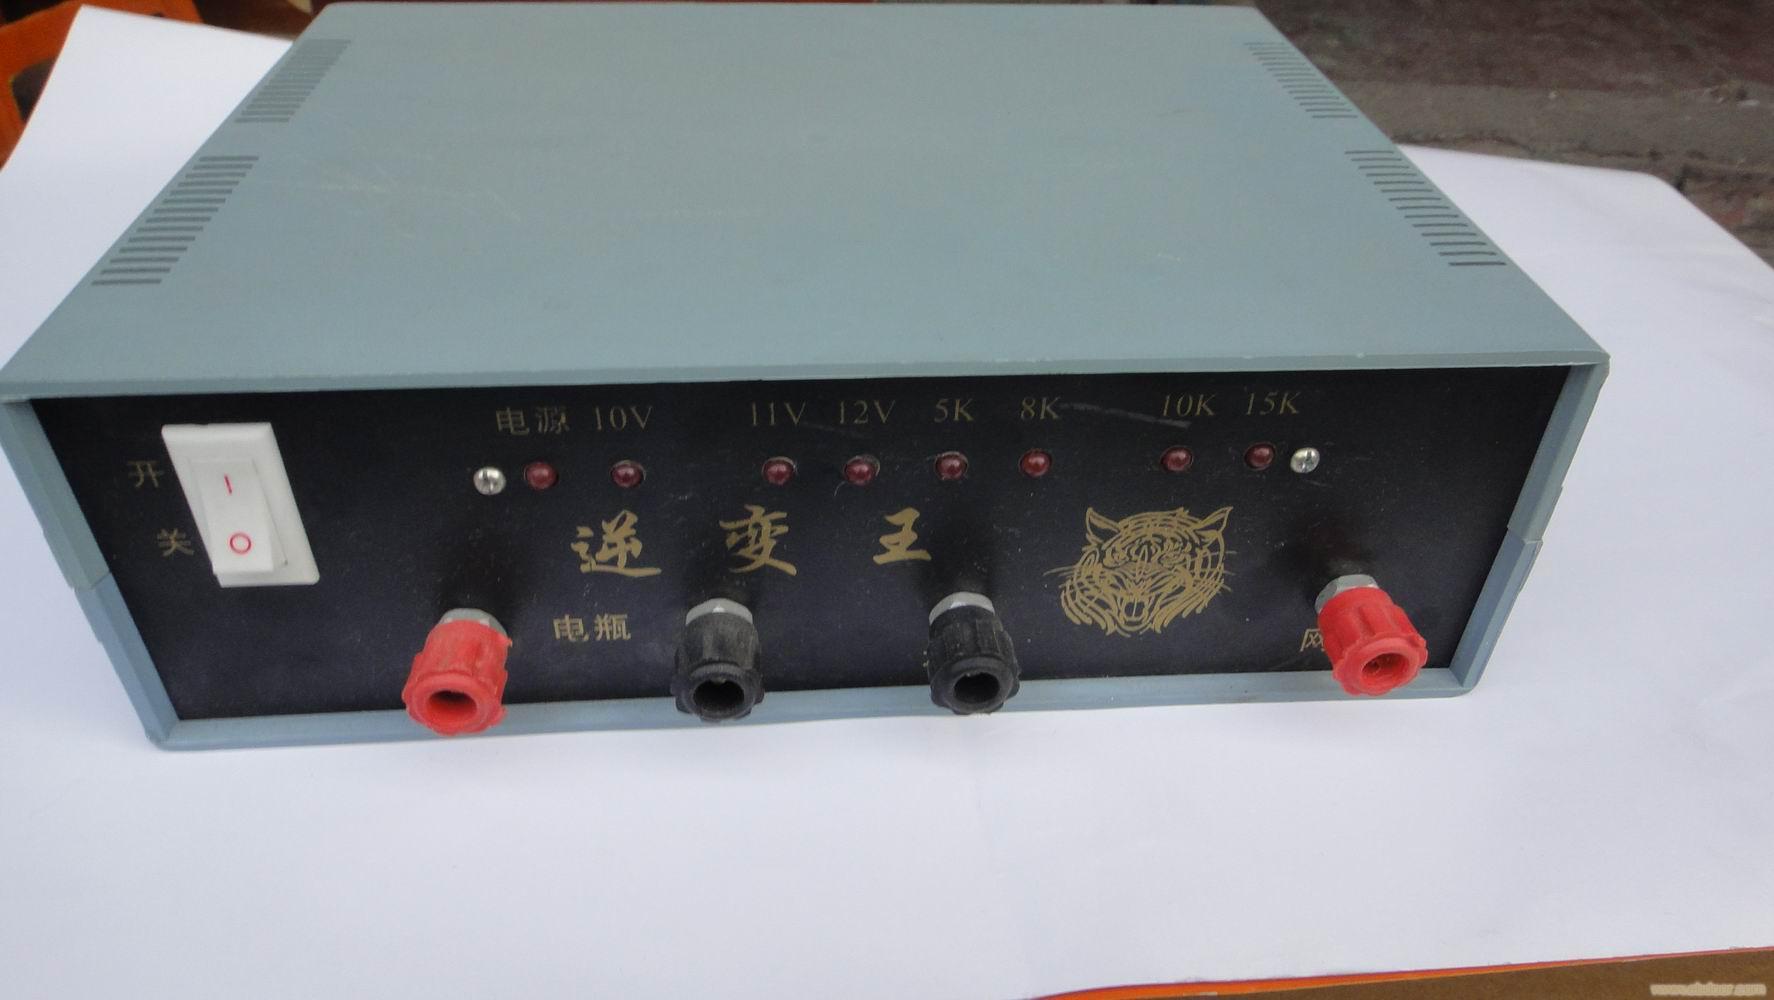 ... 机电路图,超声波捕鱼器电路图,超声波电鱼机电路图